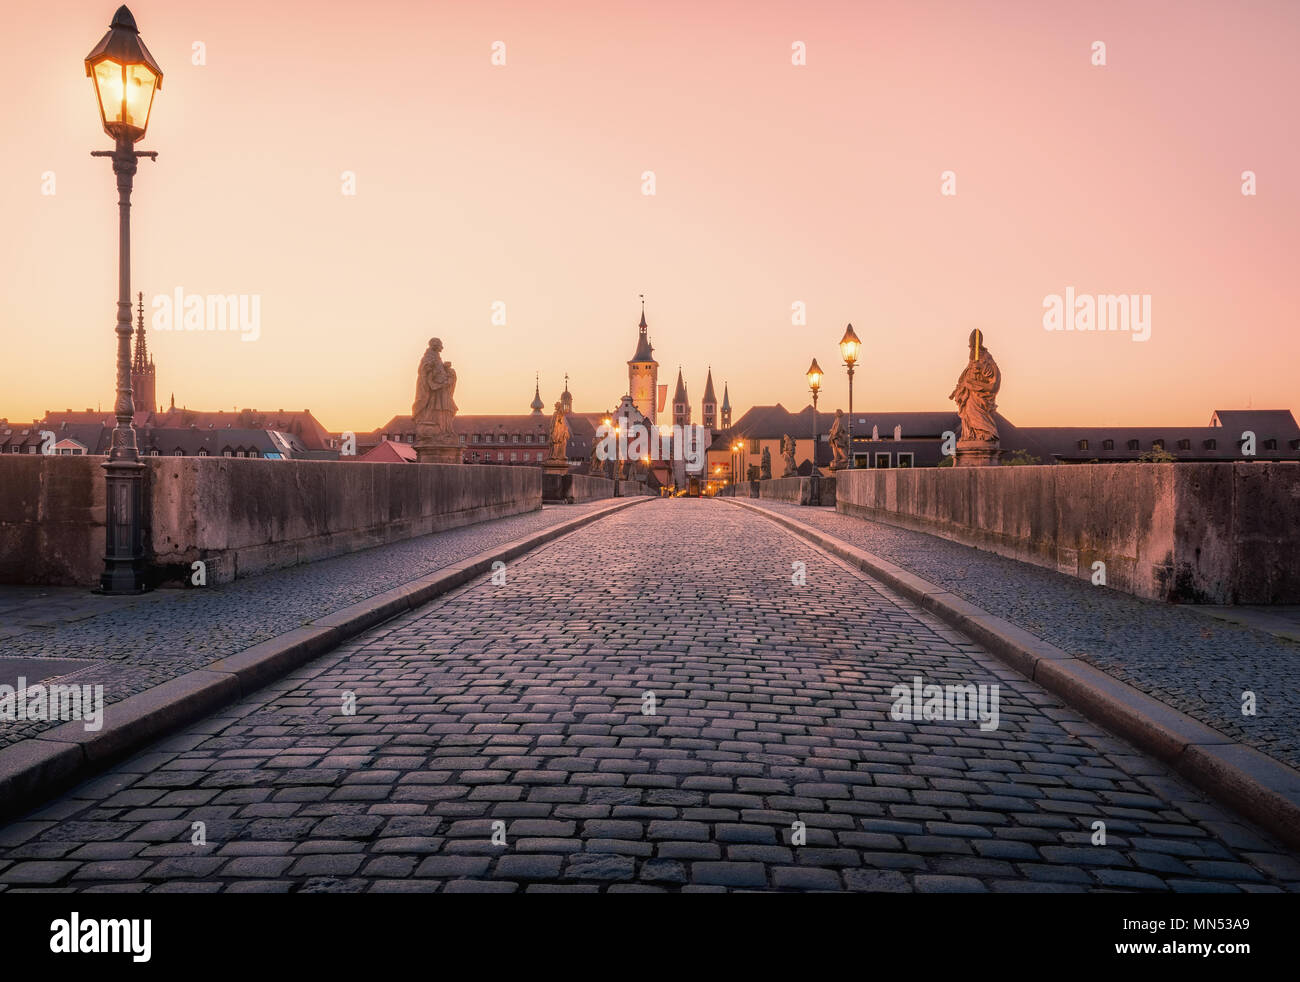 Malerische Sonnenaufgang morgen Blick auf die Alte Mainbrücke über den Main in der Altstadt von Würzburg, Bayern, Deutschland - Teil der Romantischen Straße Stockbild